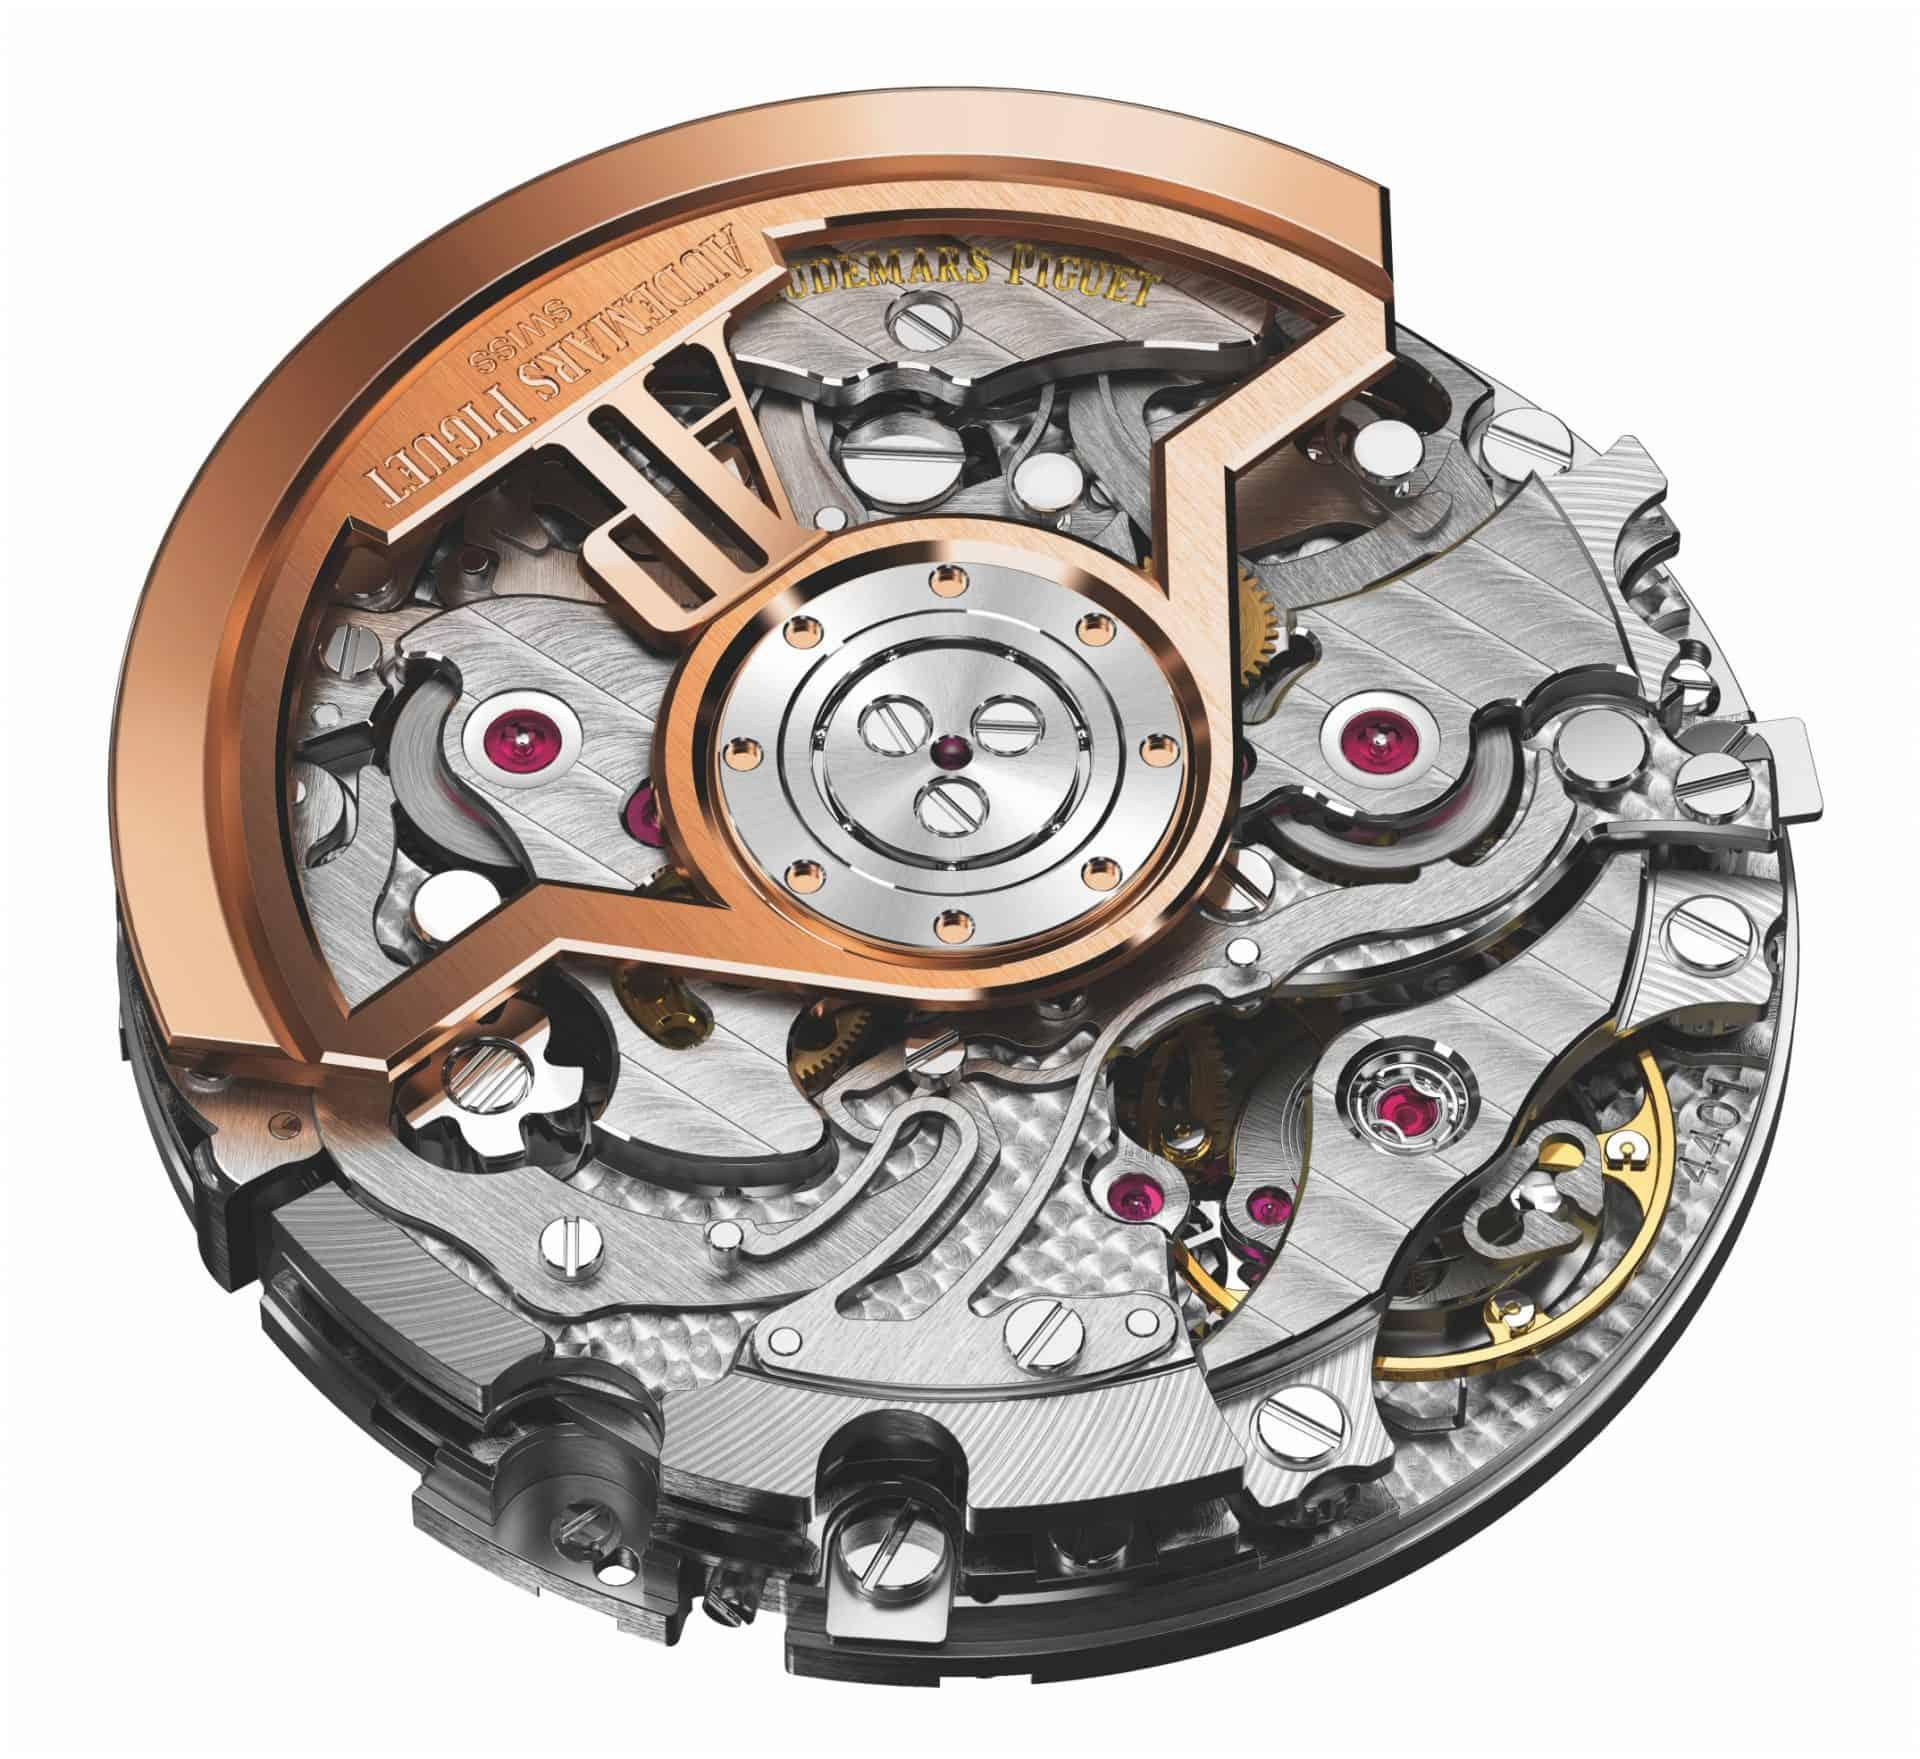 Die Rotorseite des  Audemars Piguet Manufakturkalibers 4401 mit Selbstaufzug und Chronograph